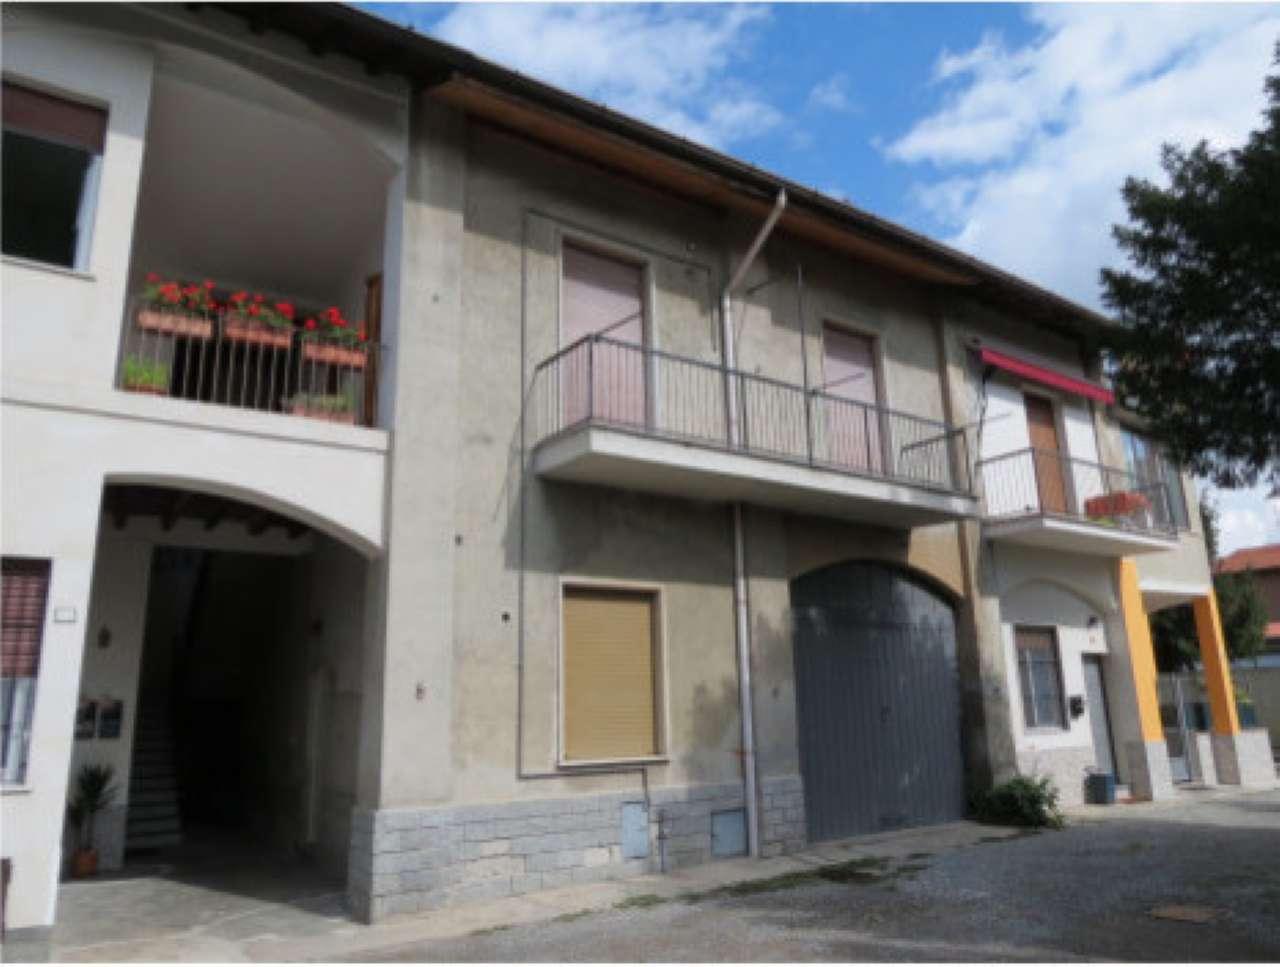 Rustico / Casale in vendita a Muggiò, 5 locali, prezzo € 179.700 | CambioCasa.it